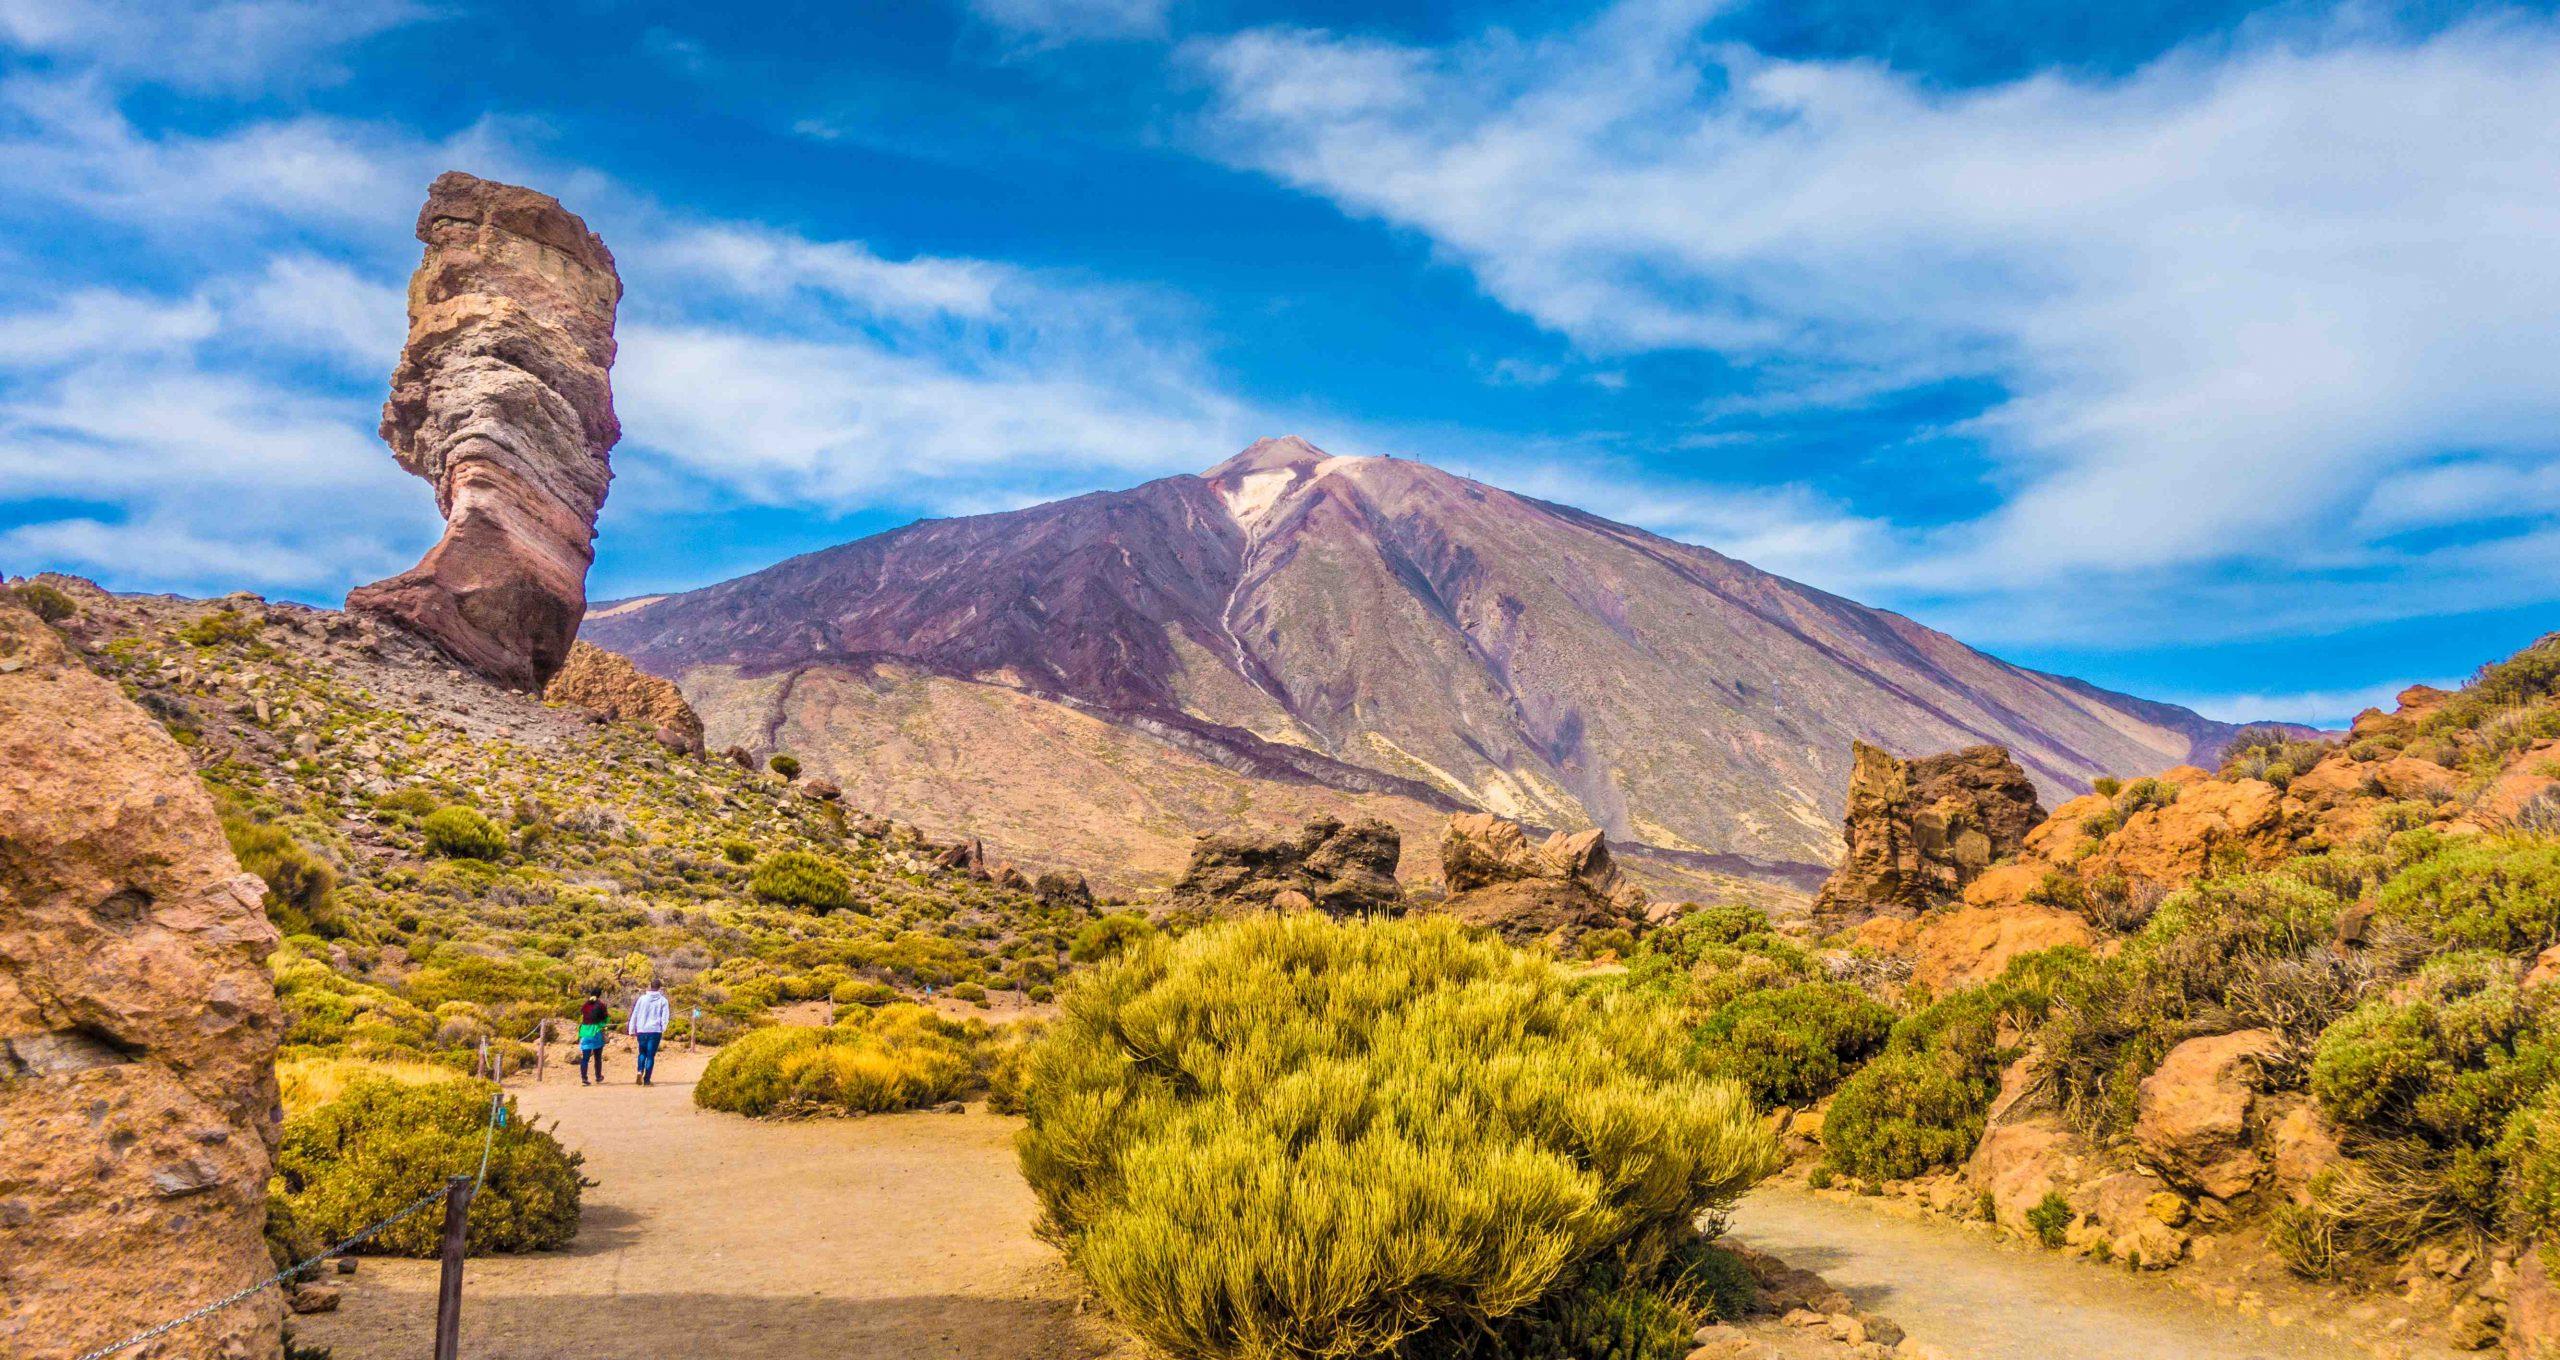 Quelle est l'île des Canaries la plus chaude en hiver?